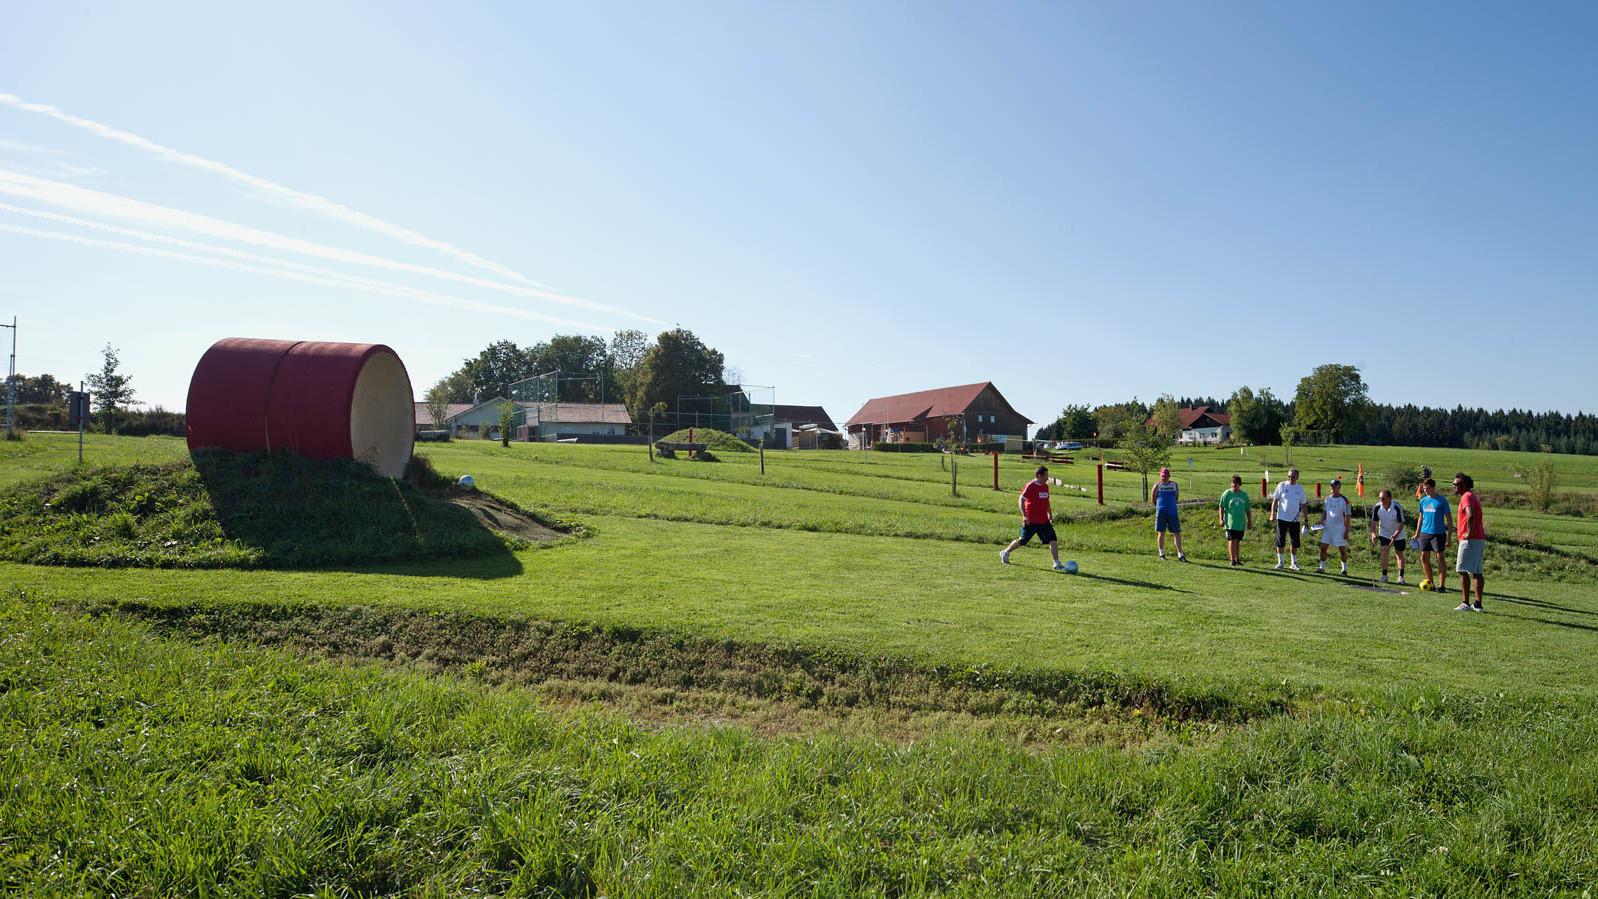 Sportlich aktiv in der Fußballgolf-Anlage in Willaberg in der Gemeinde Bodenkirchen ganz im Süden des Landkreises Landshut.